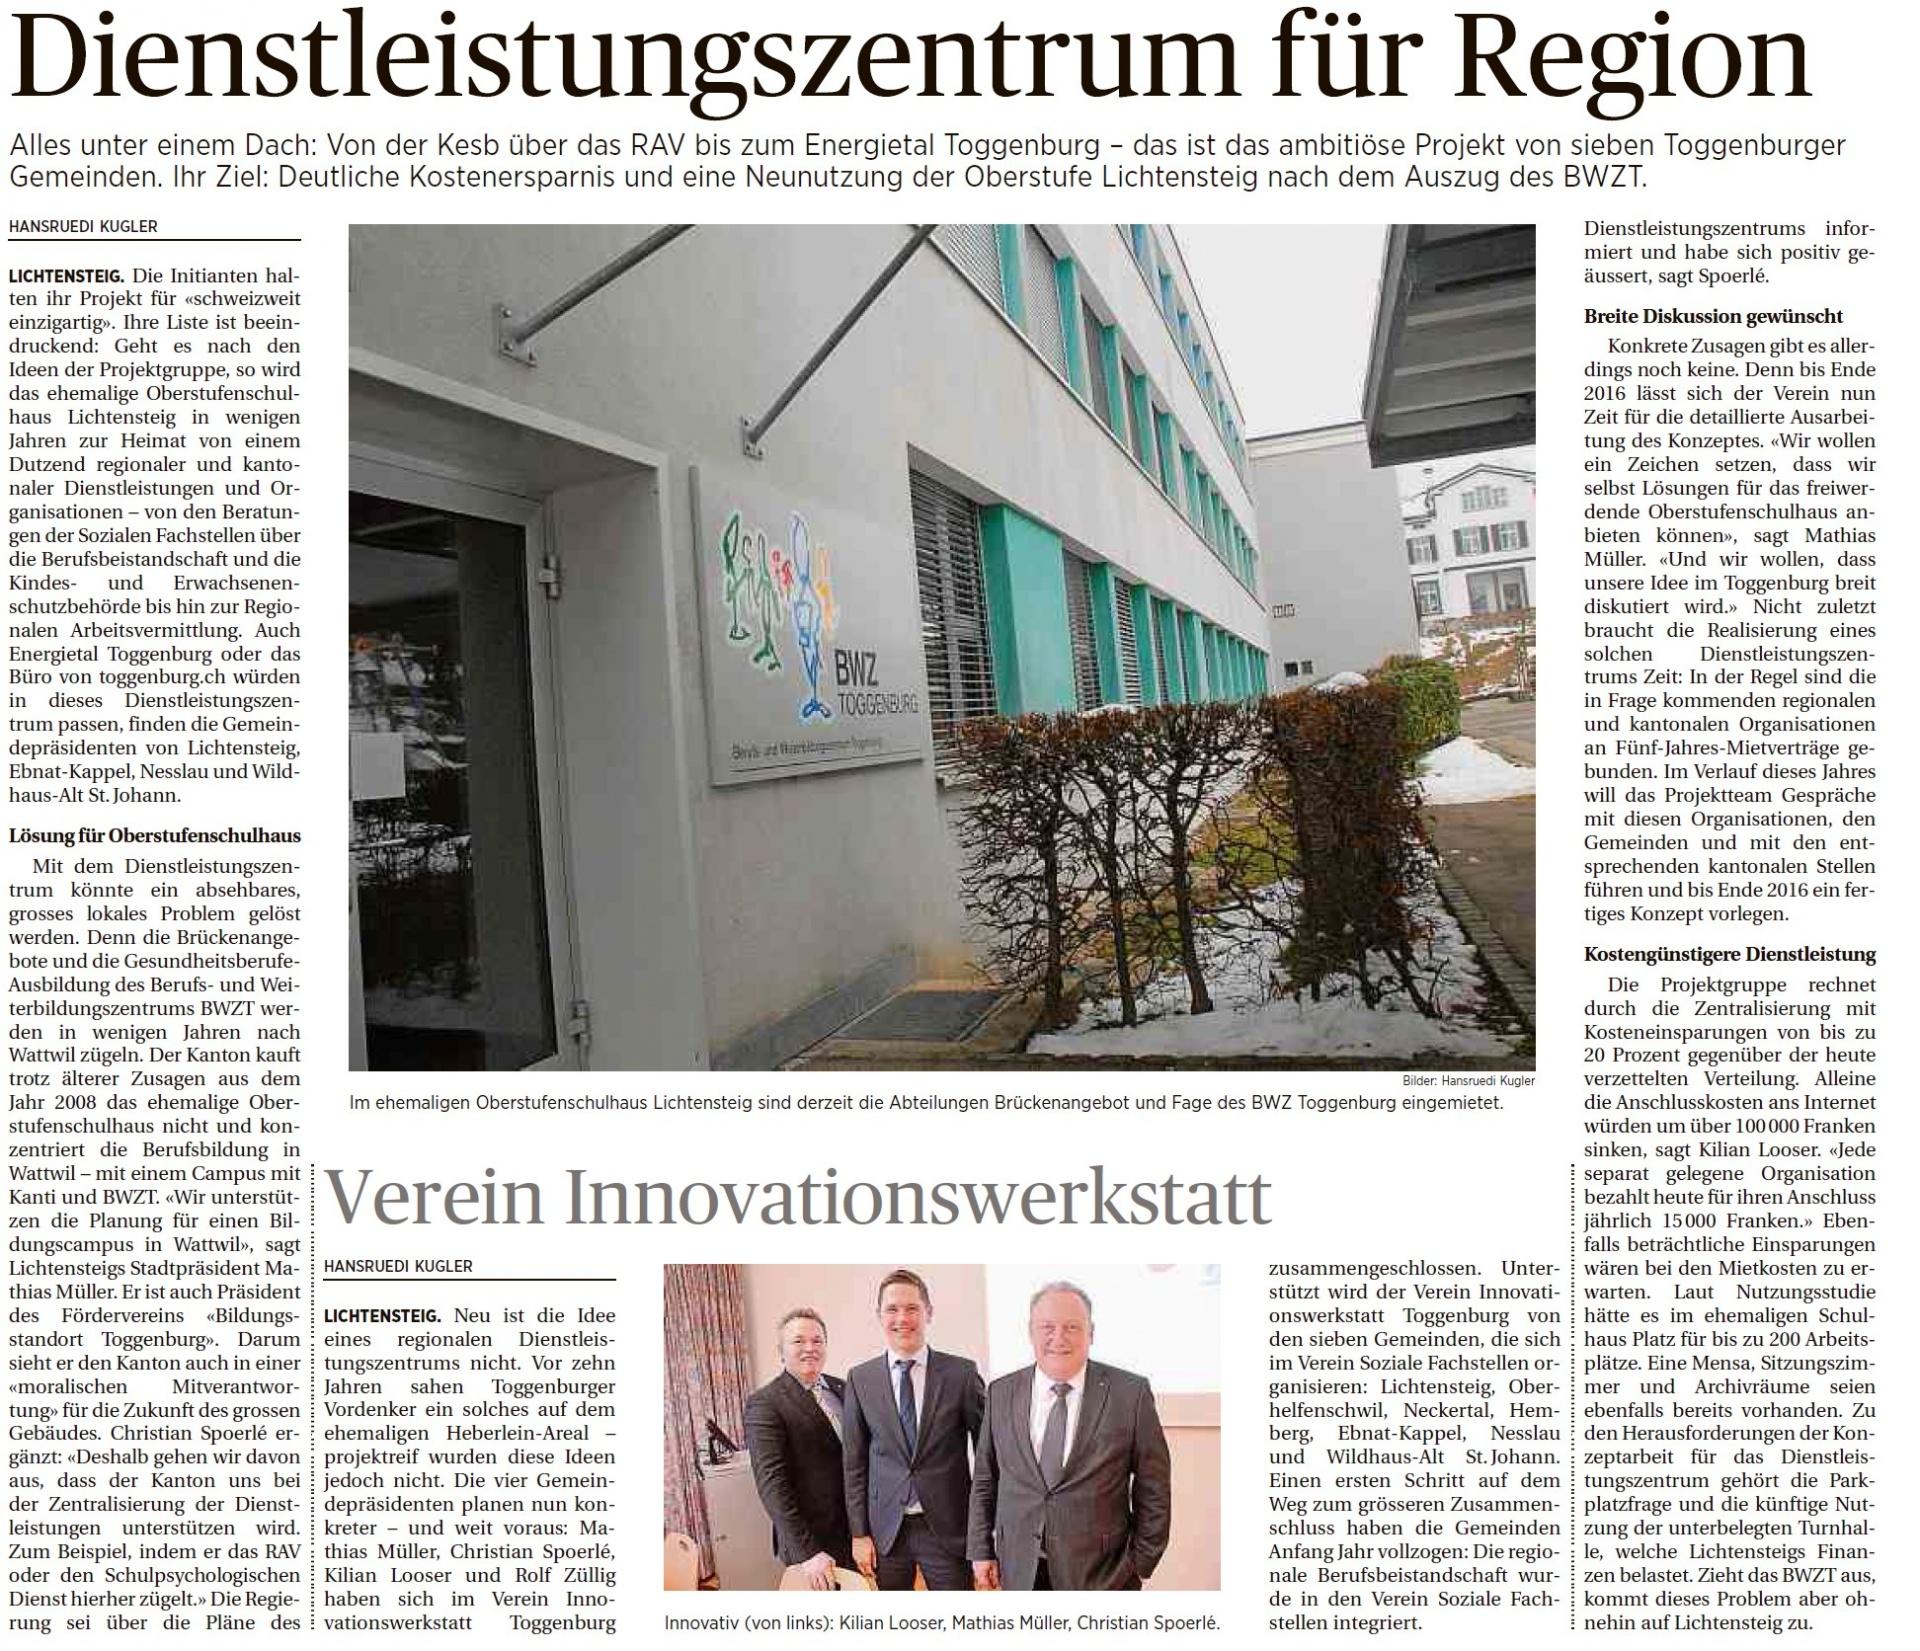 Dienstleistungszentrum für Region (Donnerstag, 19.02.2015)